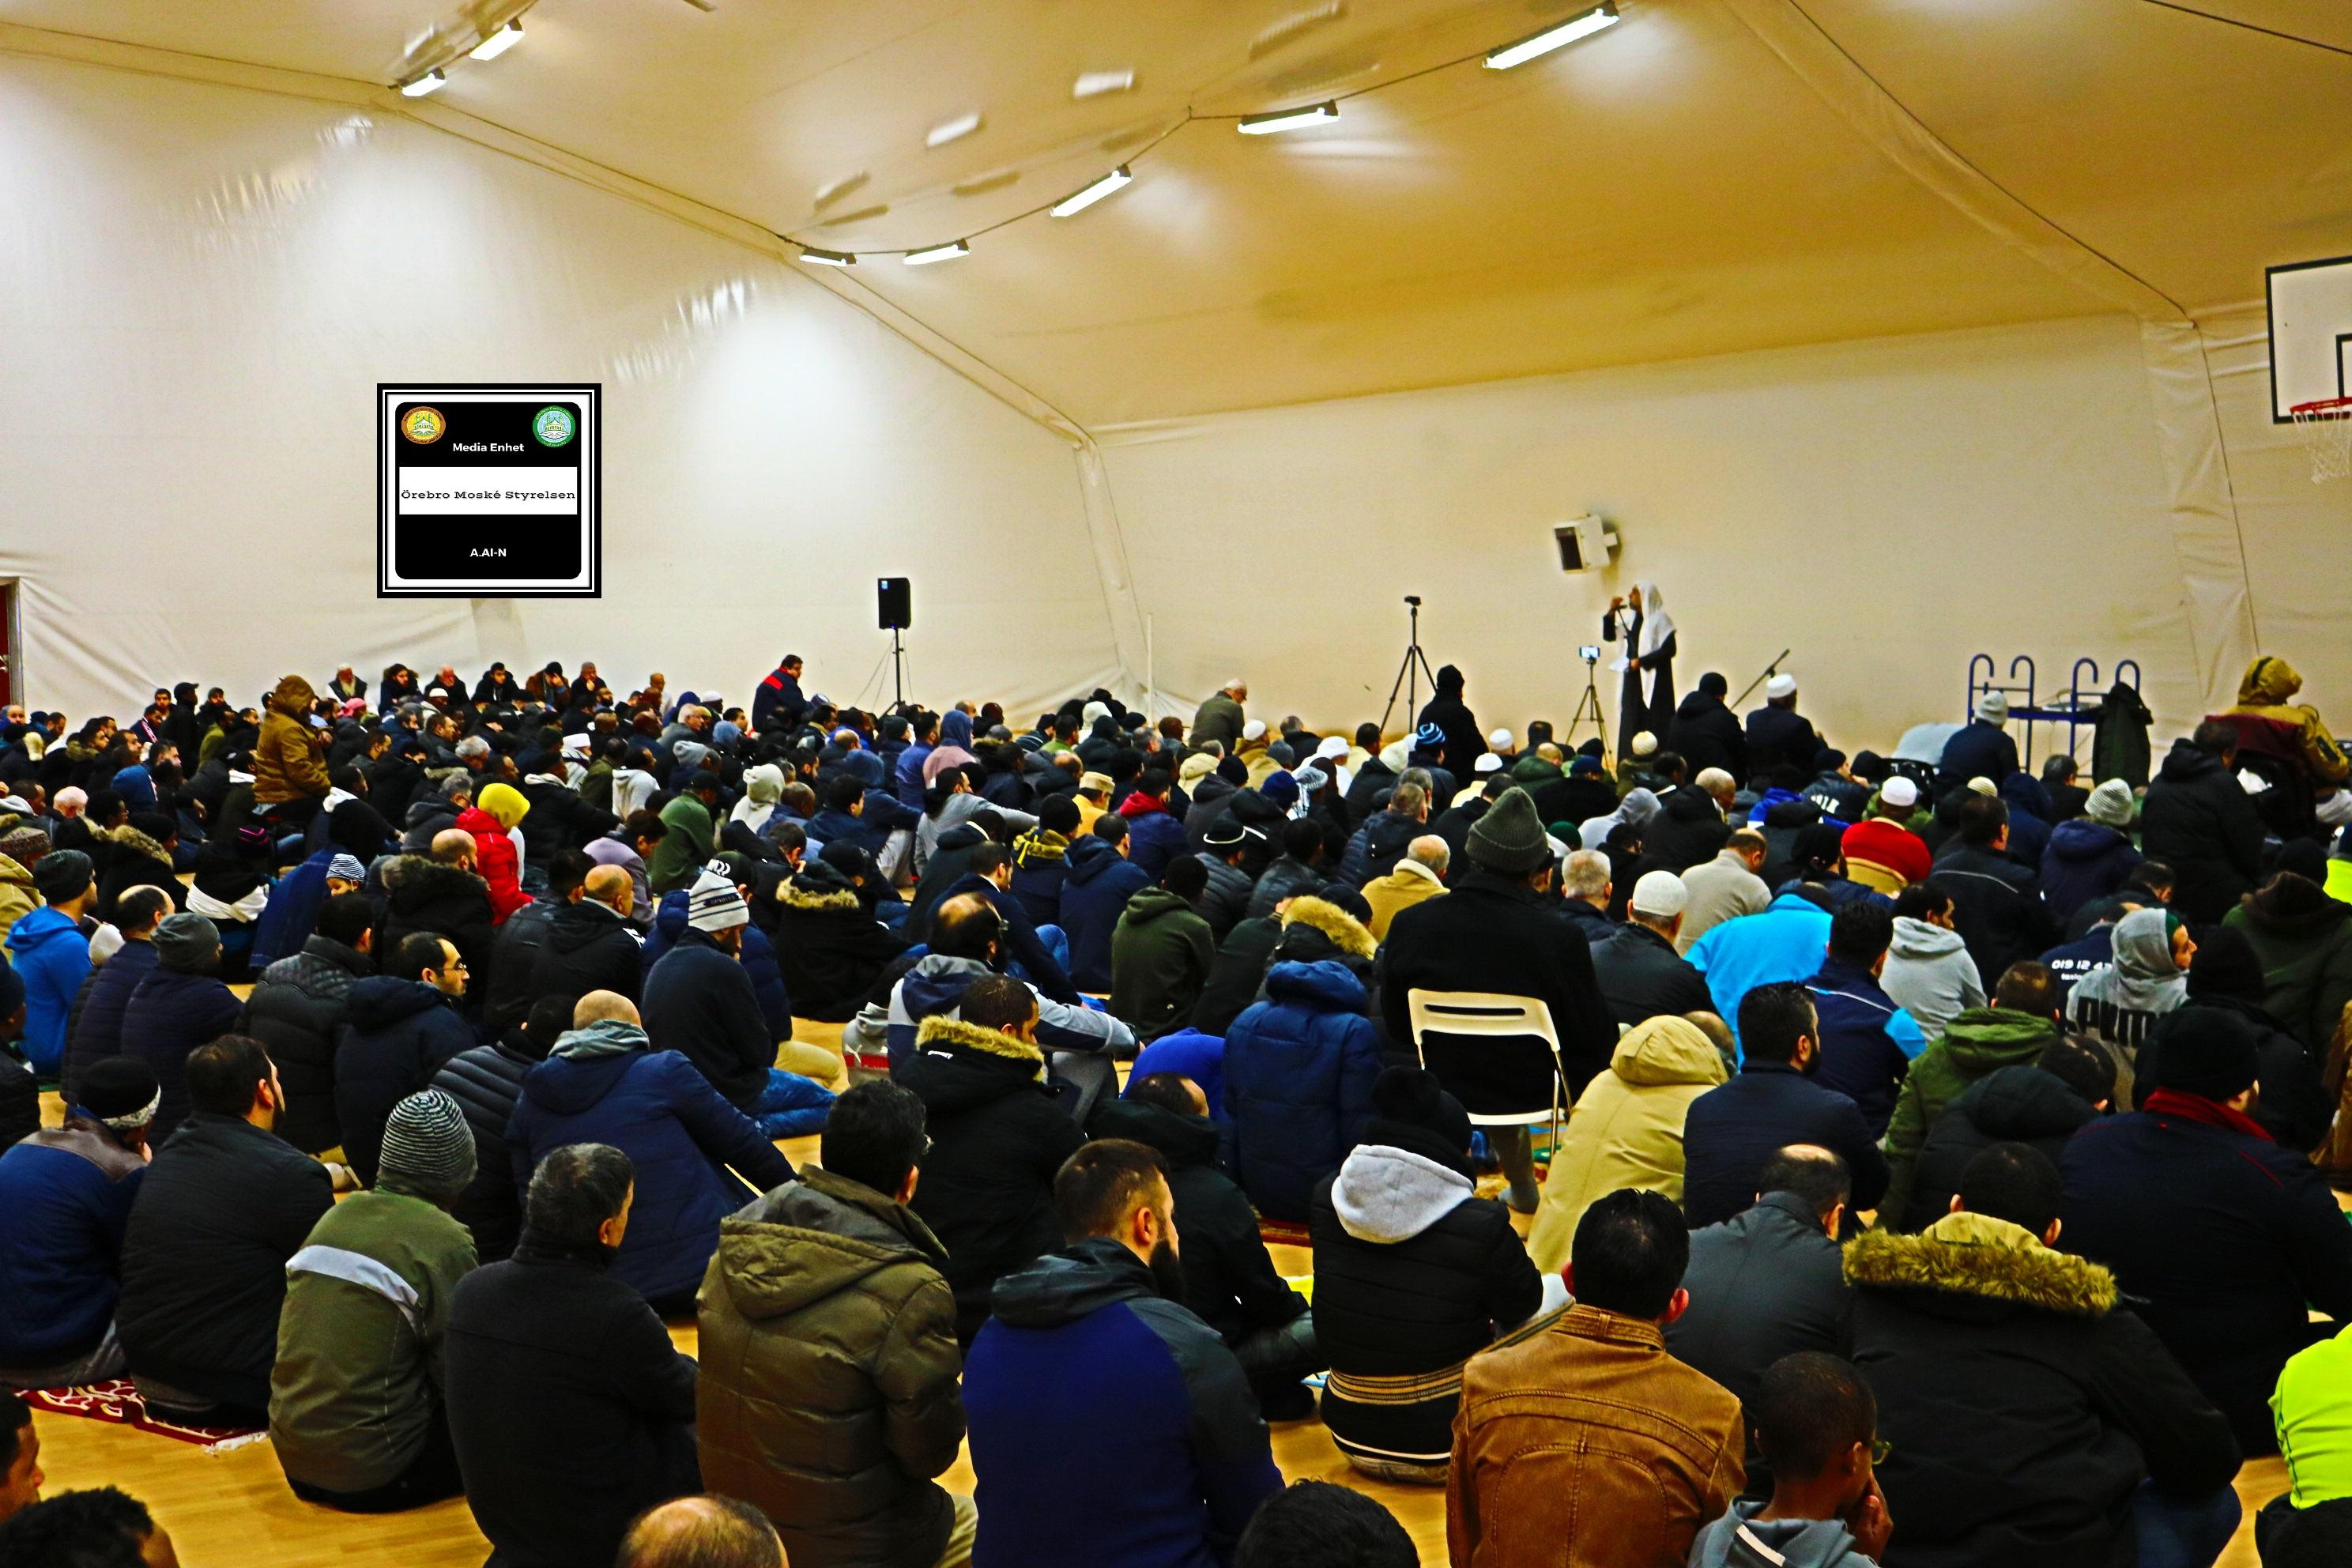 اخطاء المصلين *************************** 2018-11-23 *************************** Shikh Abu Husam Hariri *************************** Friday Bön - Friday Prayers صلاة الجمعة *************************** FILMED ON LOCATION *************************** Ballonghallen i Örebro